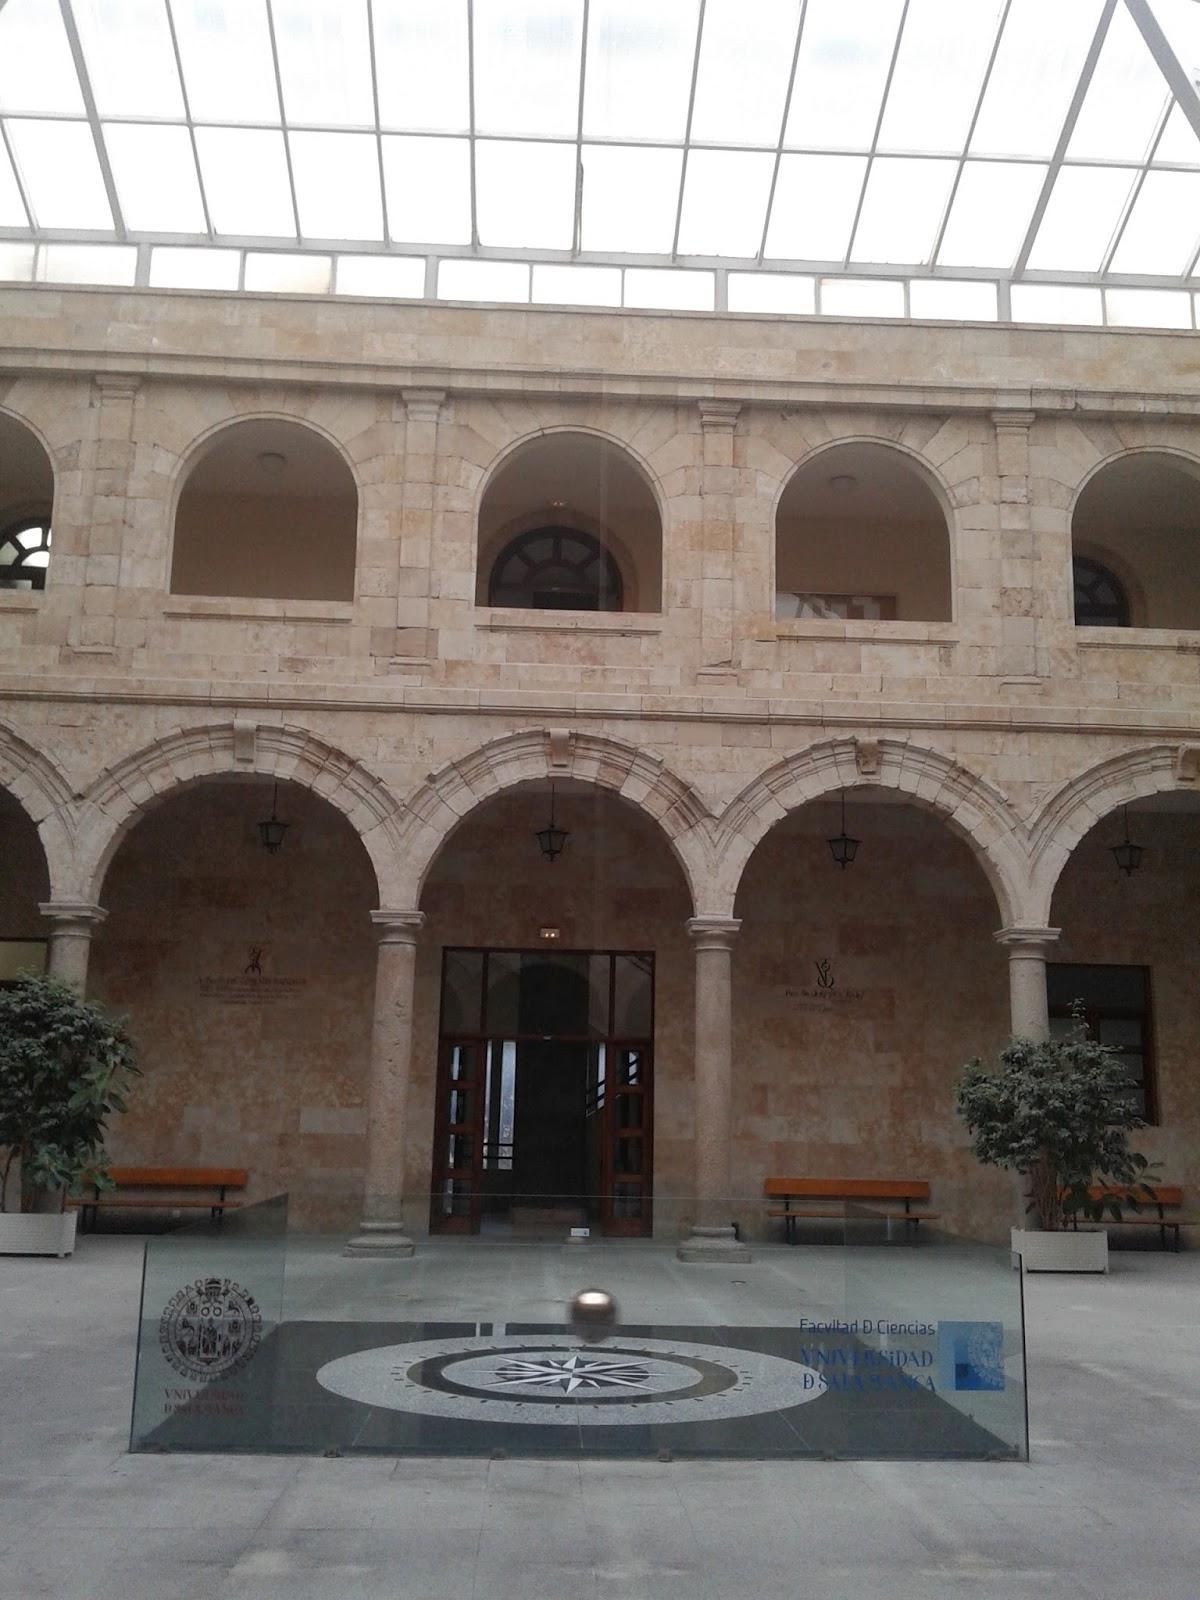 Péndulo de Foucault en la Facultad de Físicas de la Universidad de Salamanca, España.